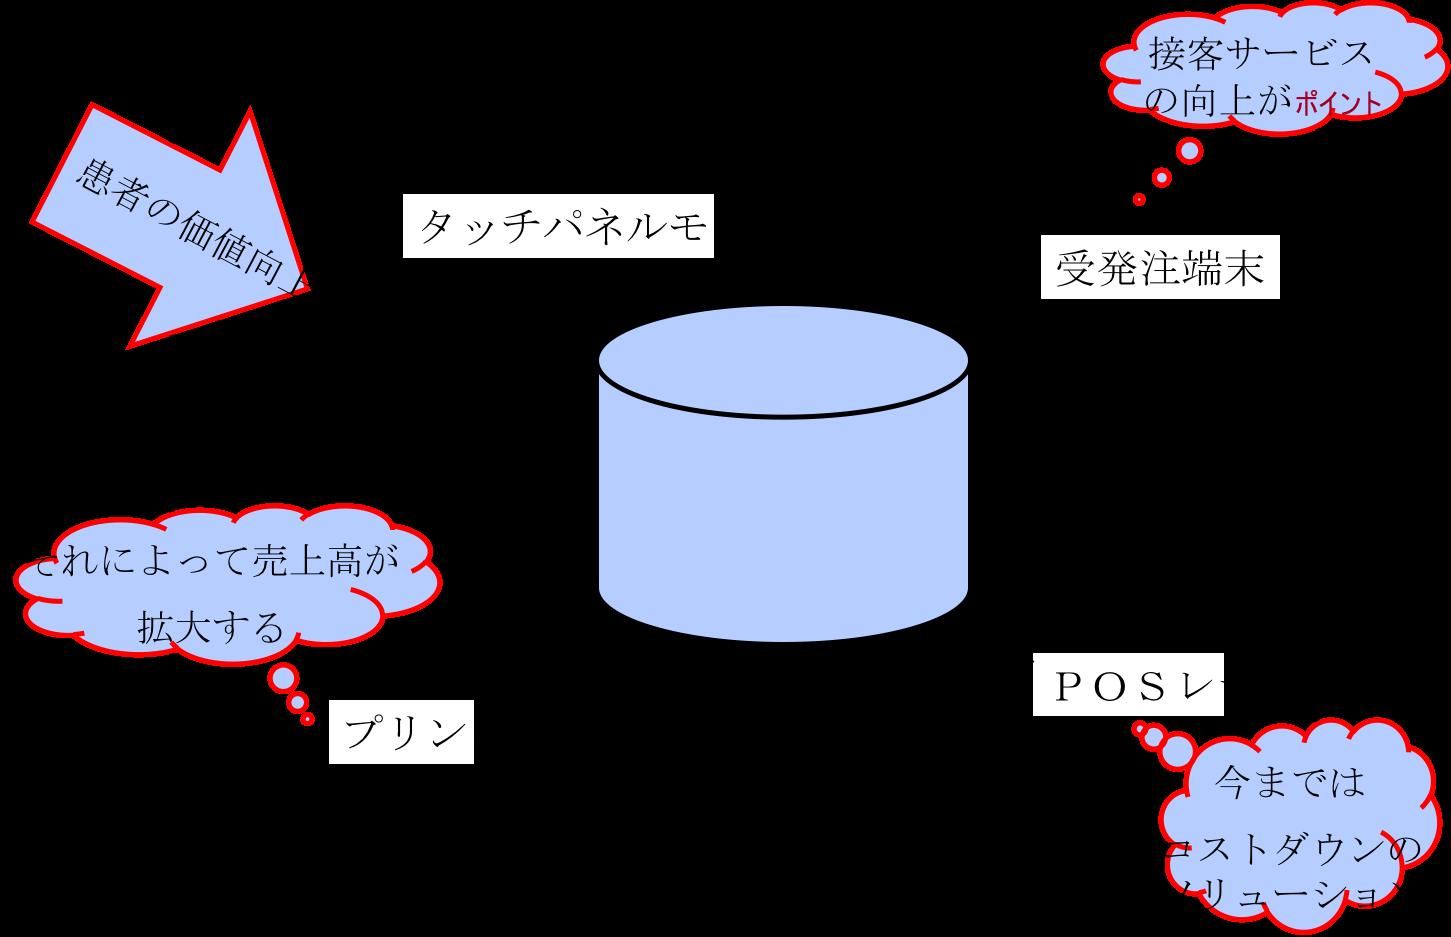 伝える技術は資料作りとプレゼンスキル 〜資料作成力編〜